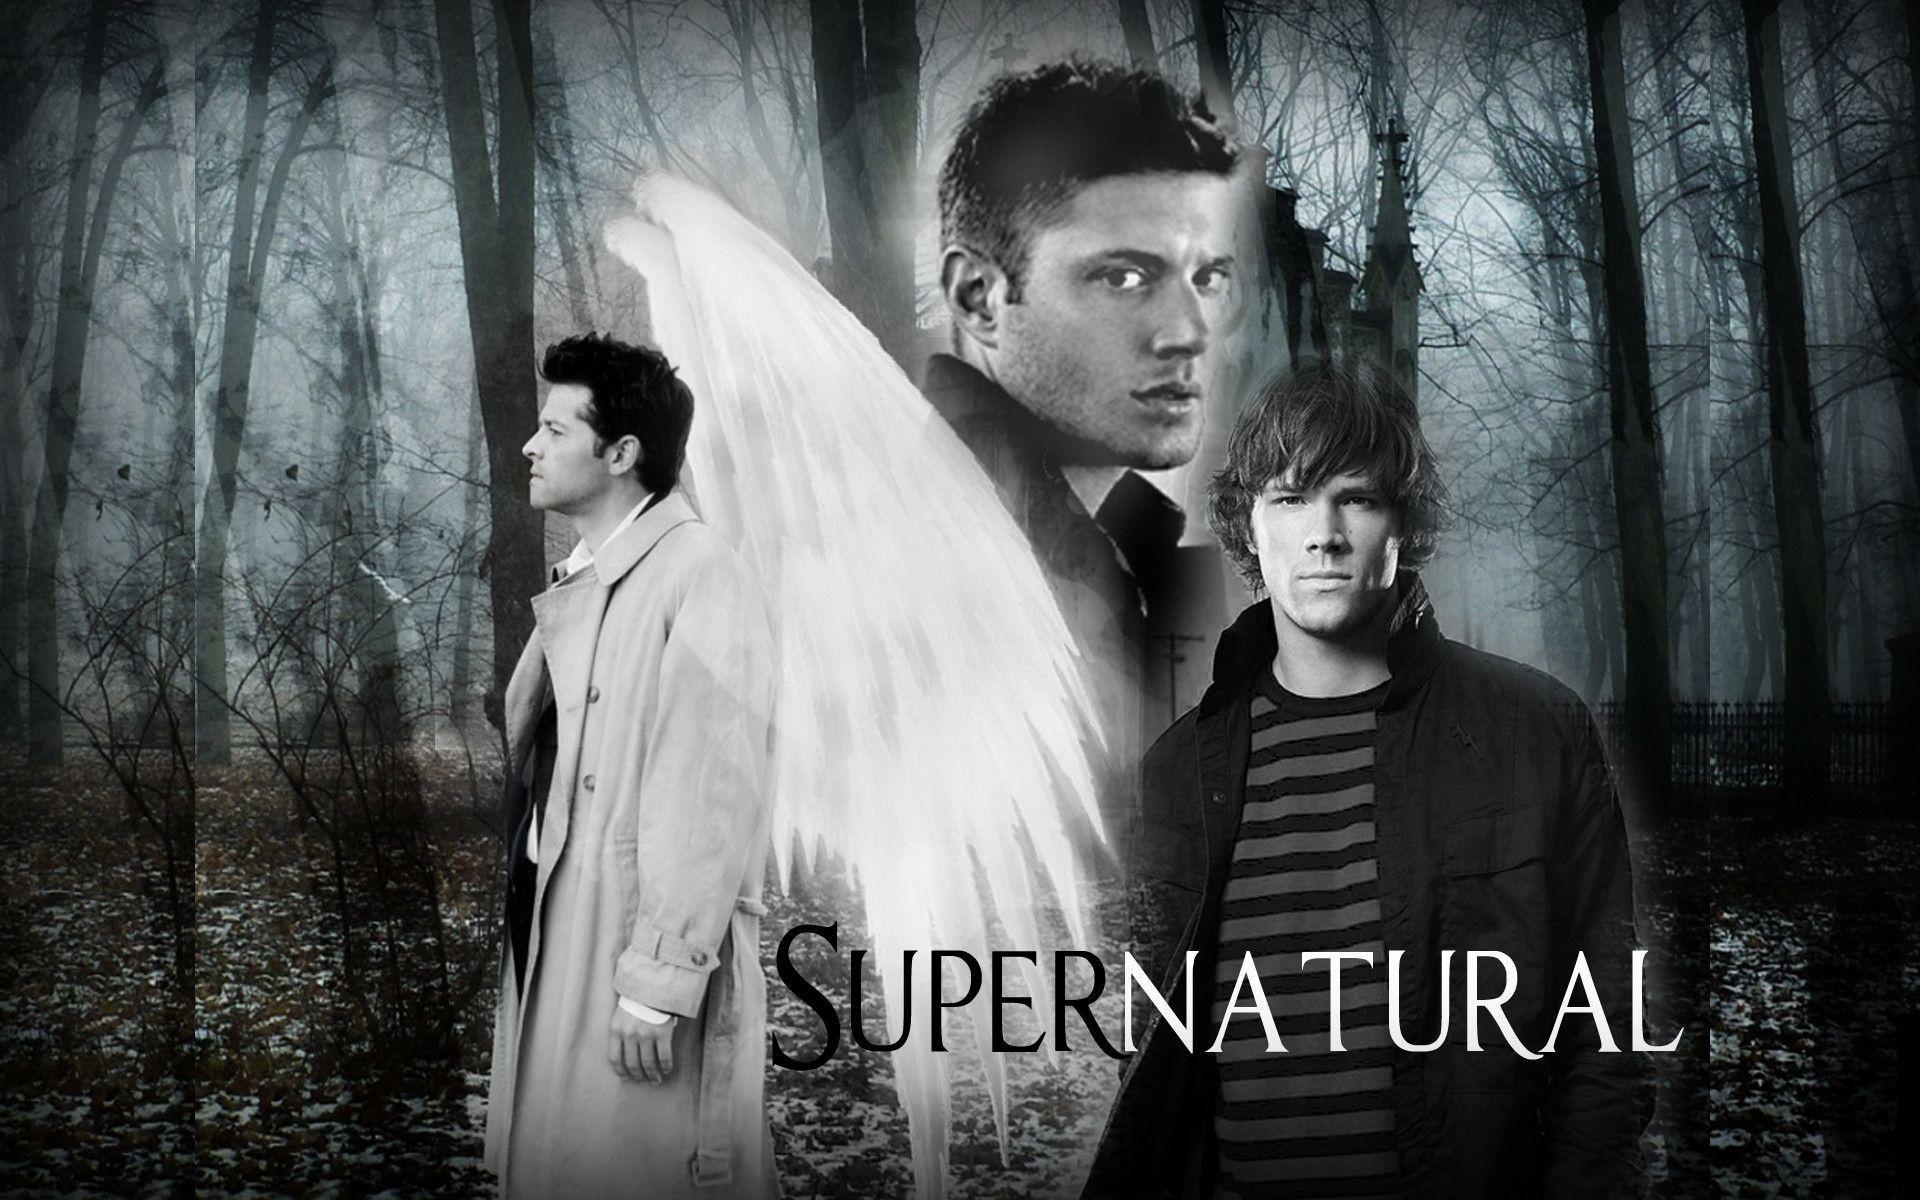 Most Inspiring Wallpaper Logo Supernatural - supernatural-backgrounds-21  Photograph_601769.jpg